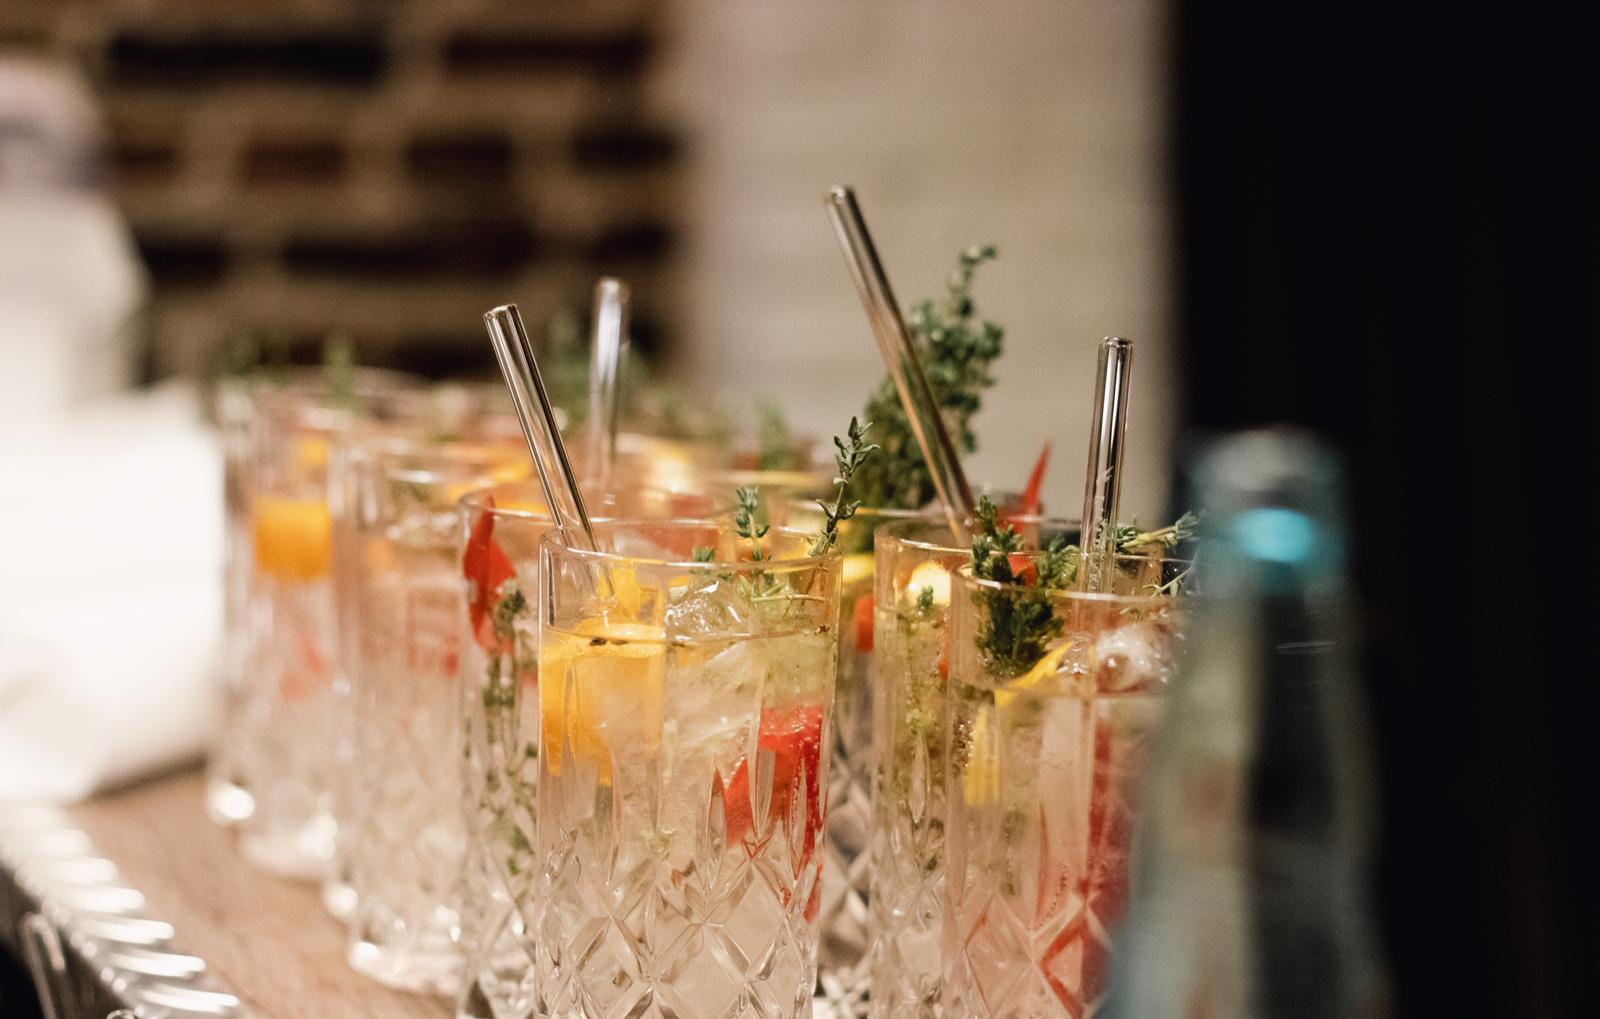 gin-tasting-liebenau-bg2